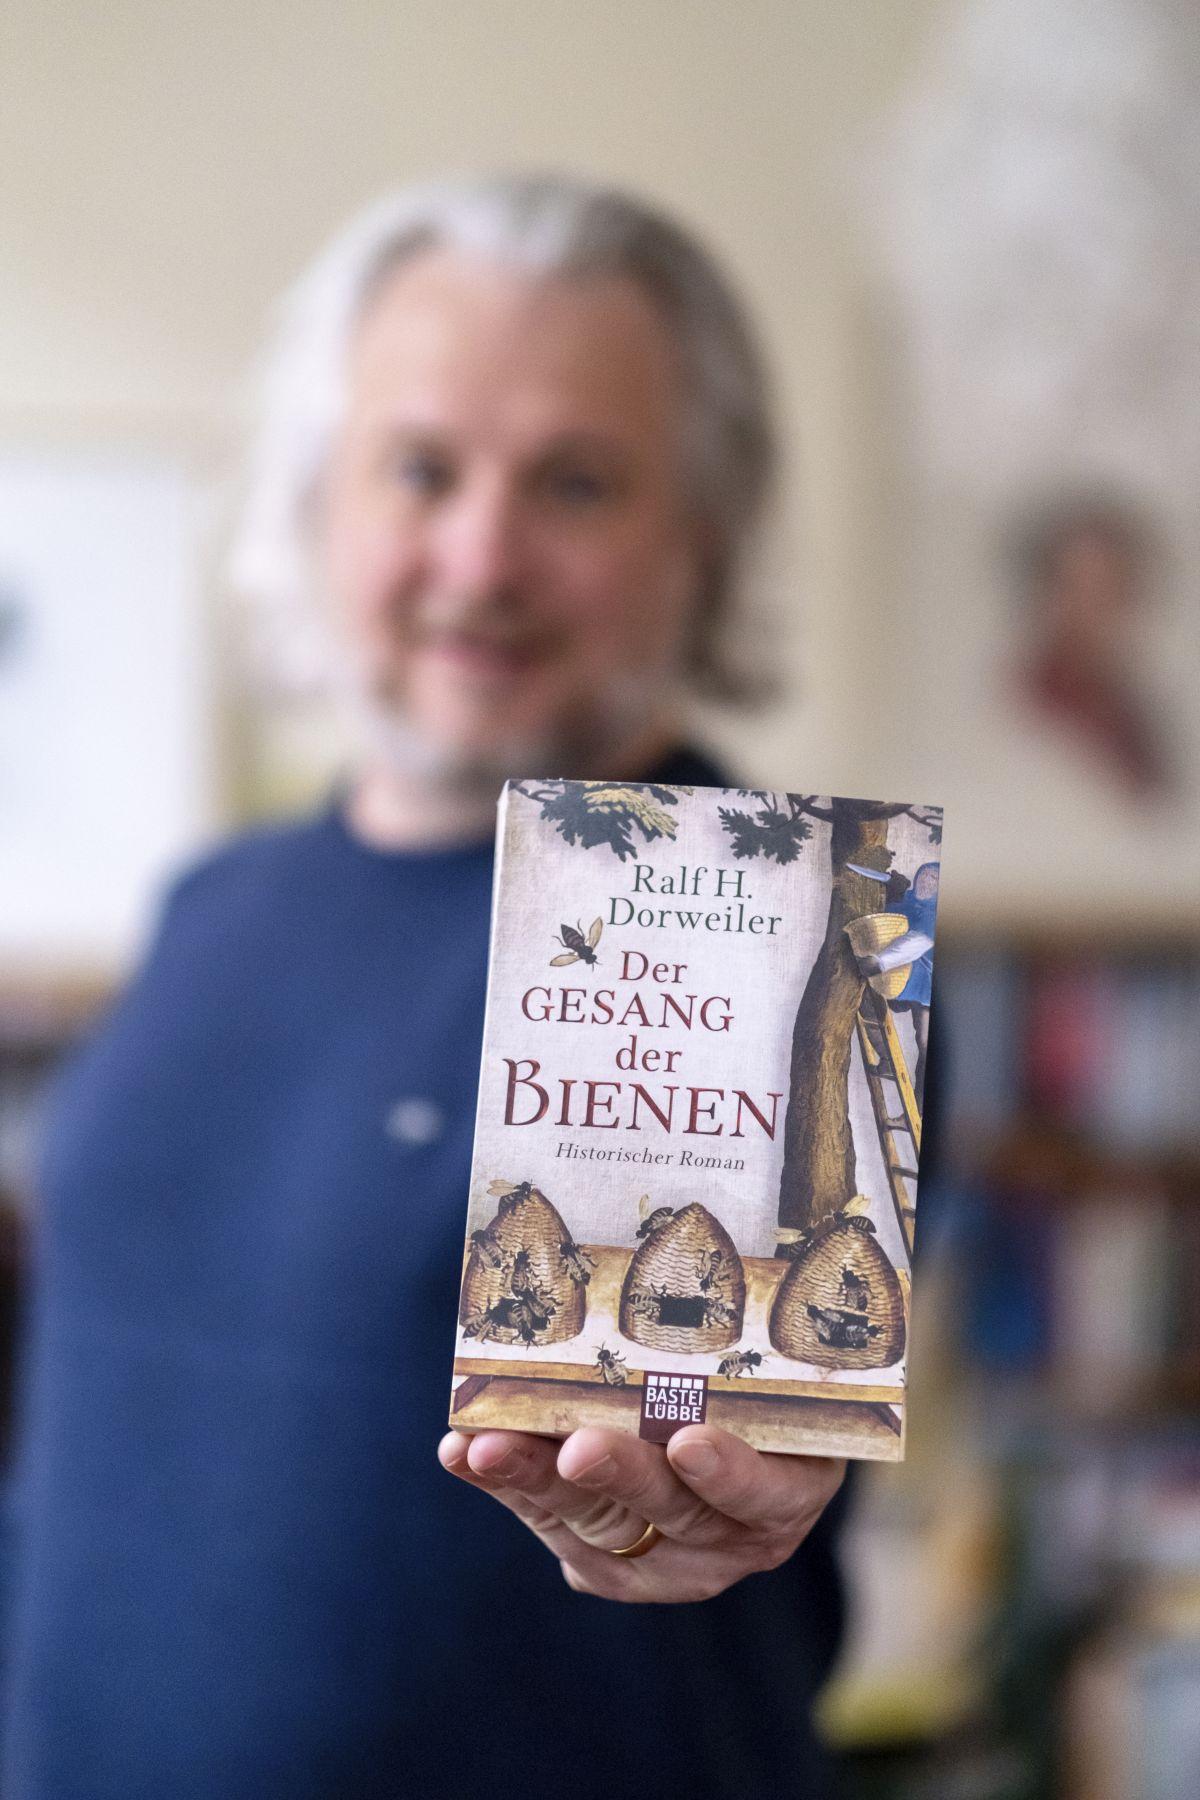 Ralf H. Dorweiler - Der Gesang der Bienen